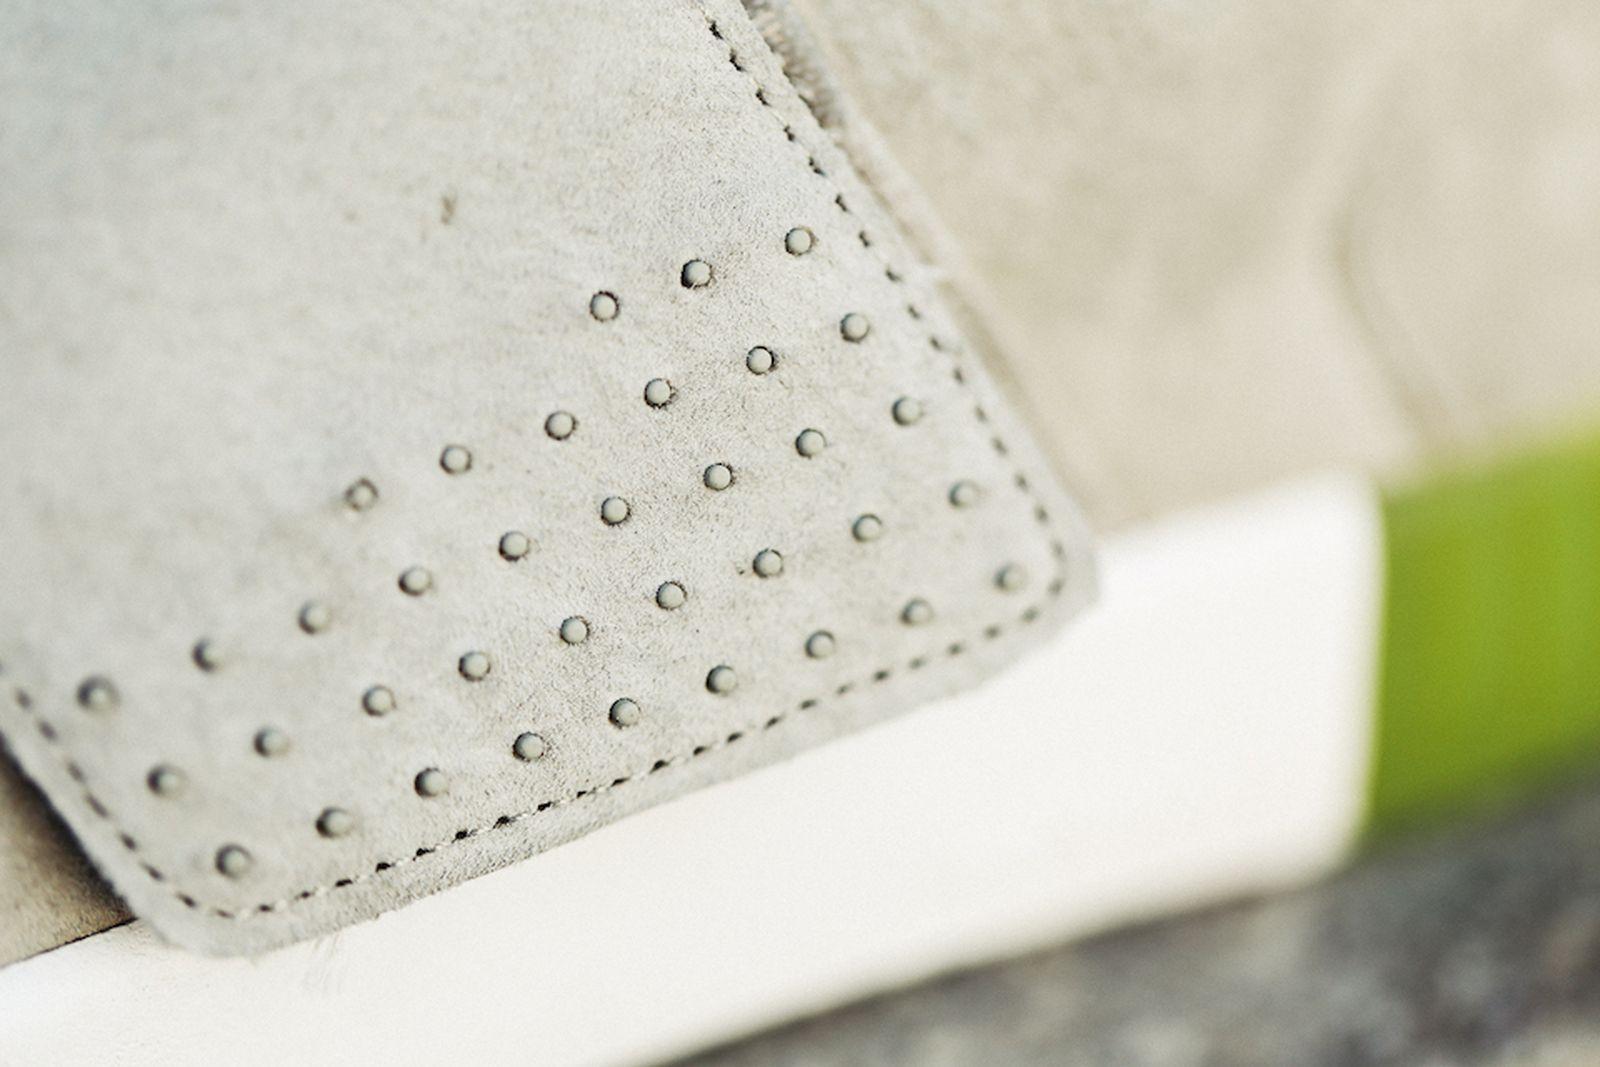 adidas-Finishline-Highsnobiety-5